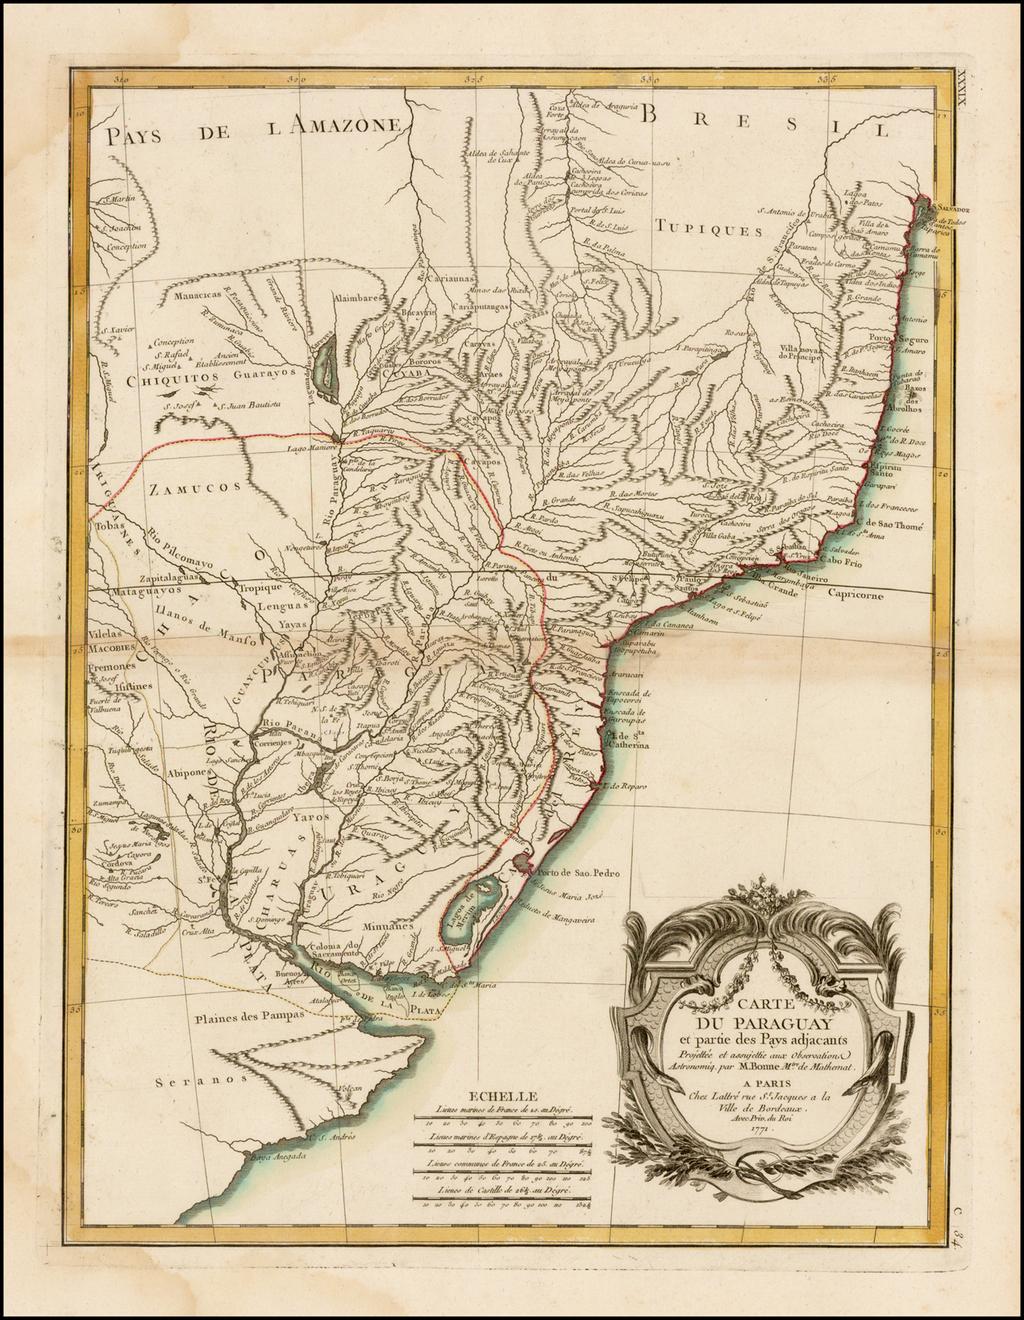 Carte Du Paraguay et partie des Pays adjacants . . . 1771 By Rigobert Bonne / Jean Lattre